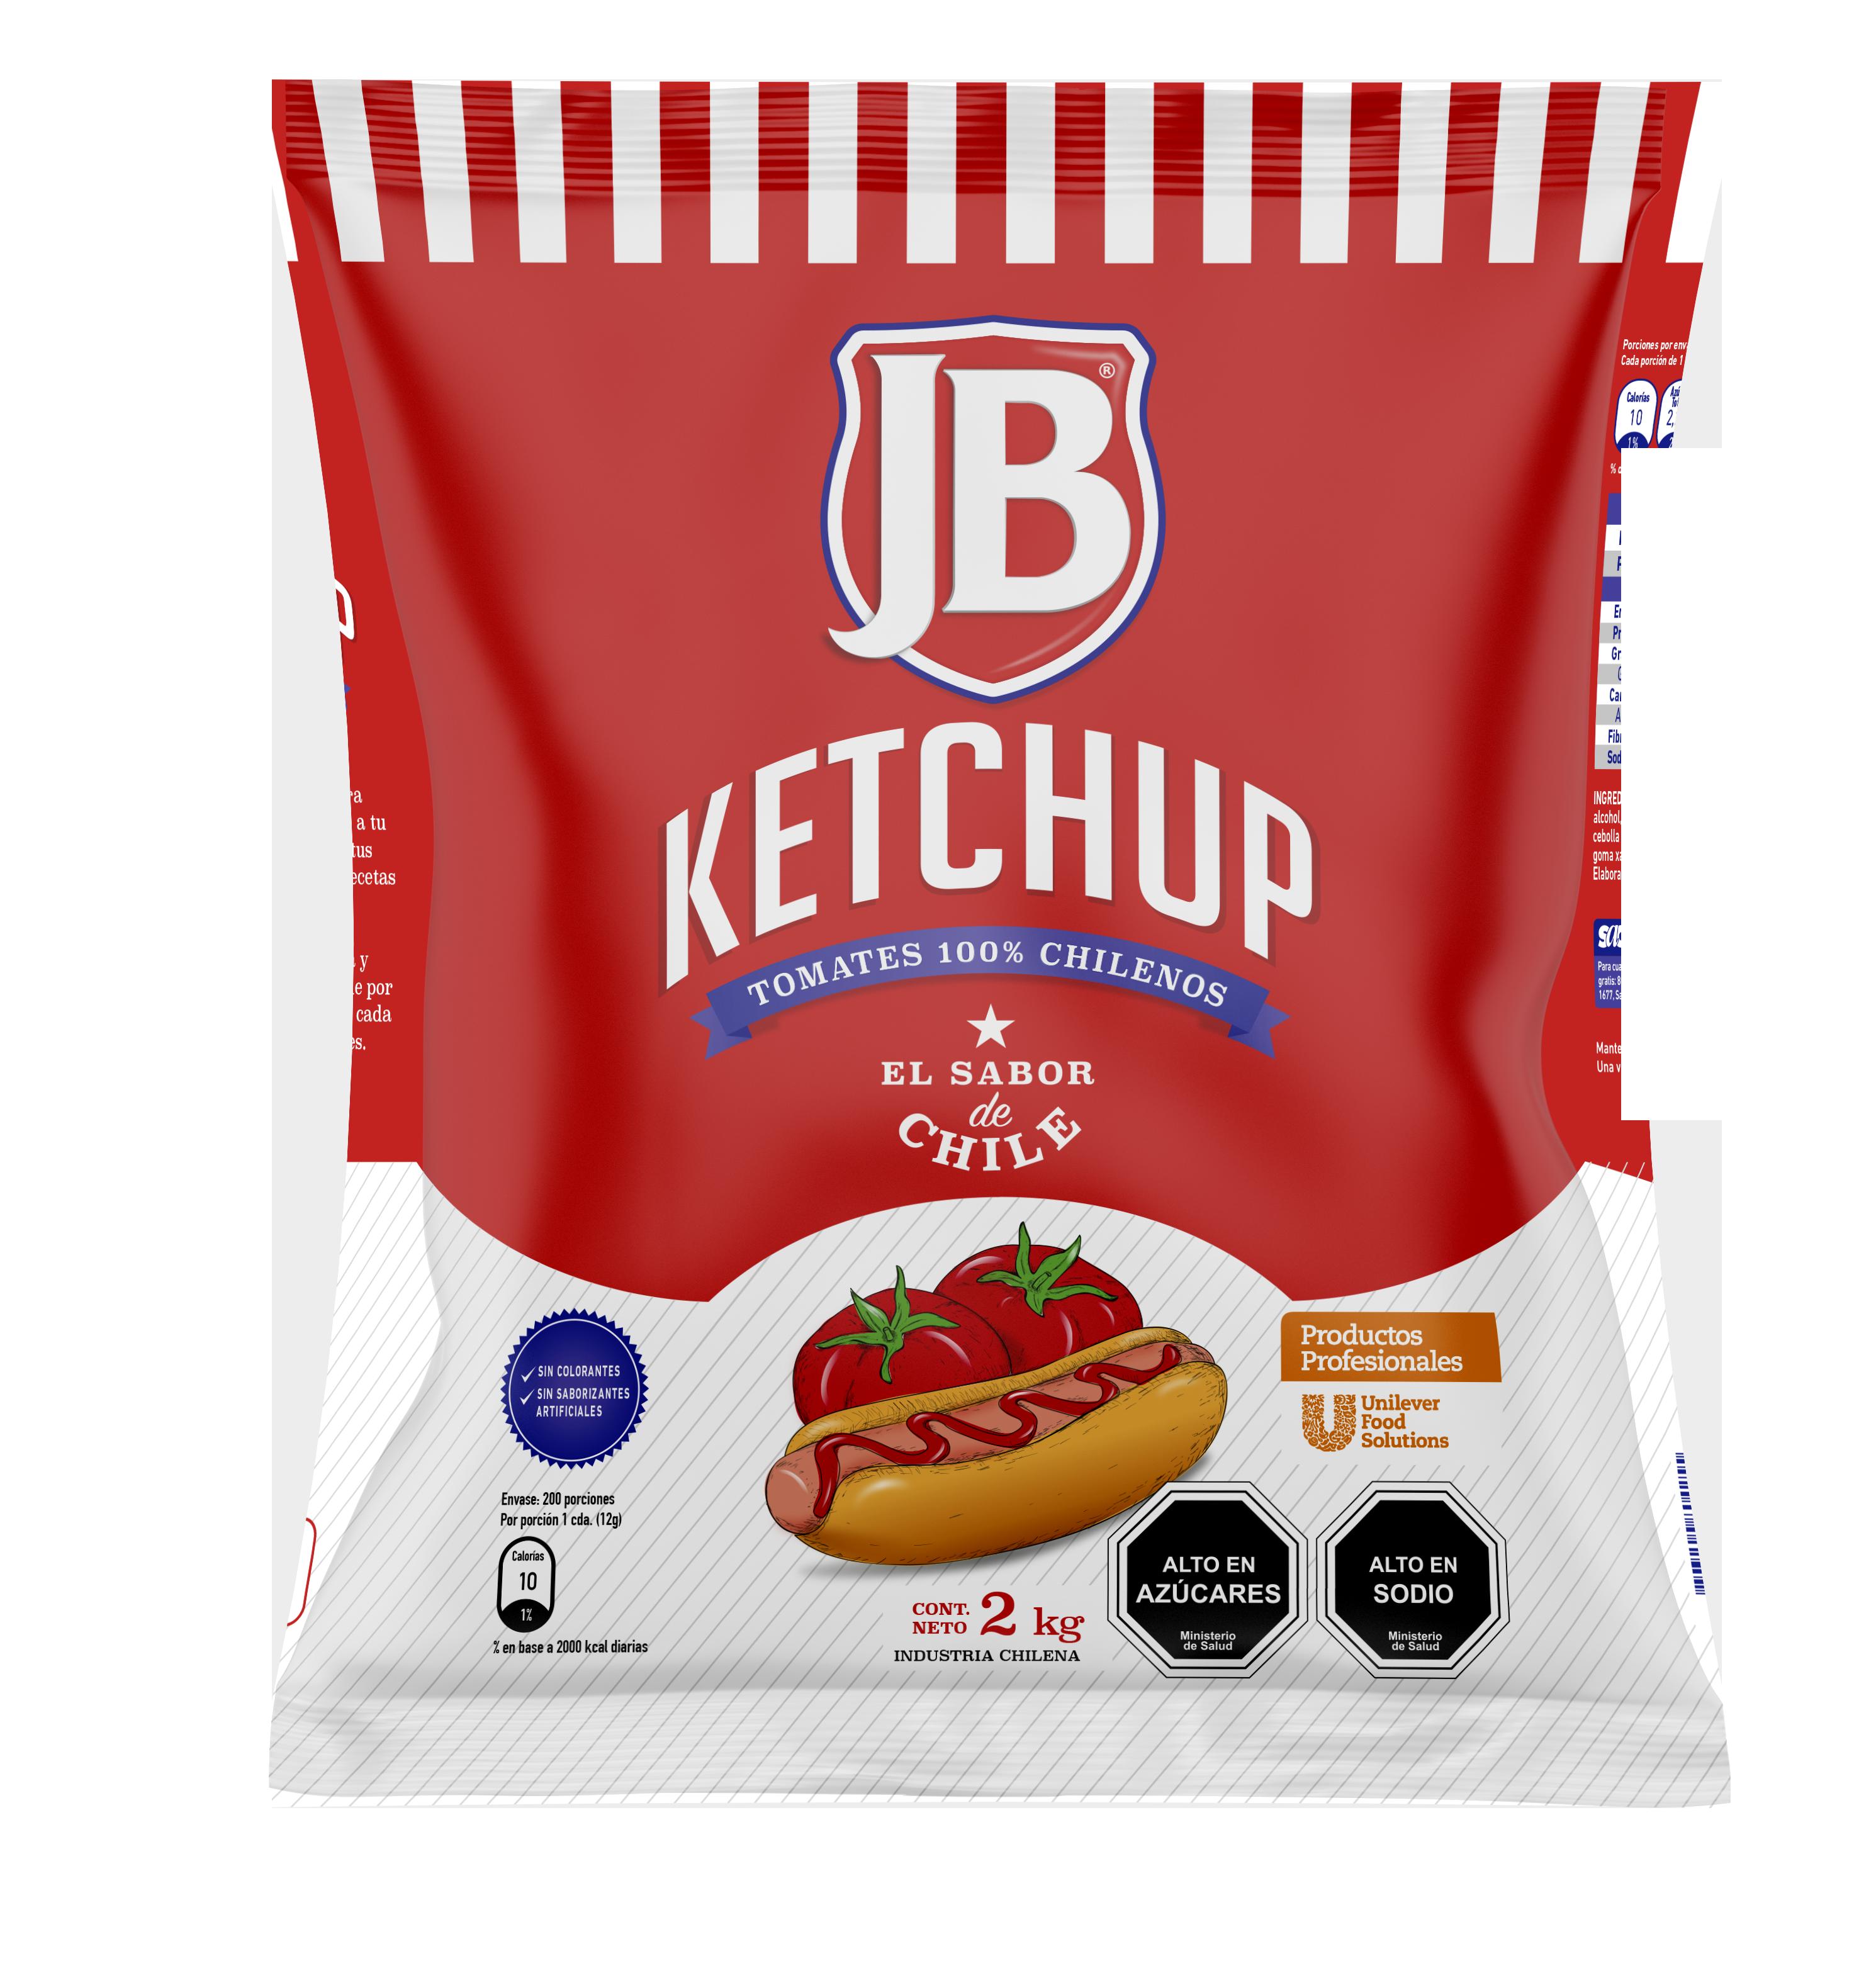 Ketchup JB 2KG - Ketchup JB, el sabor de Chile!